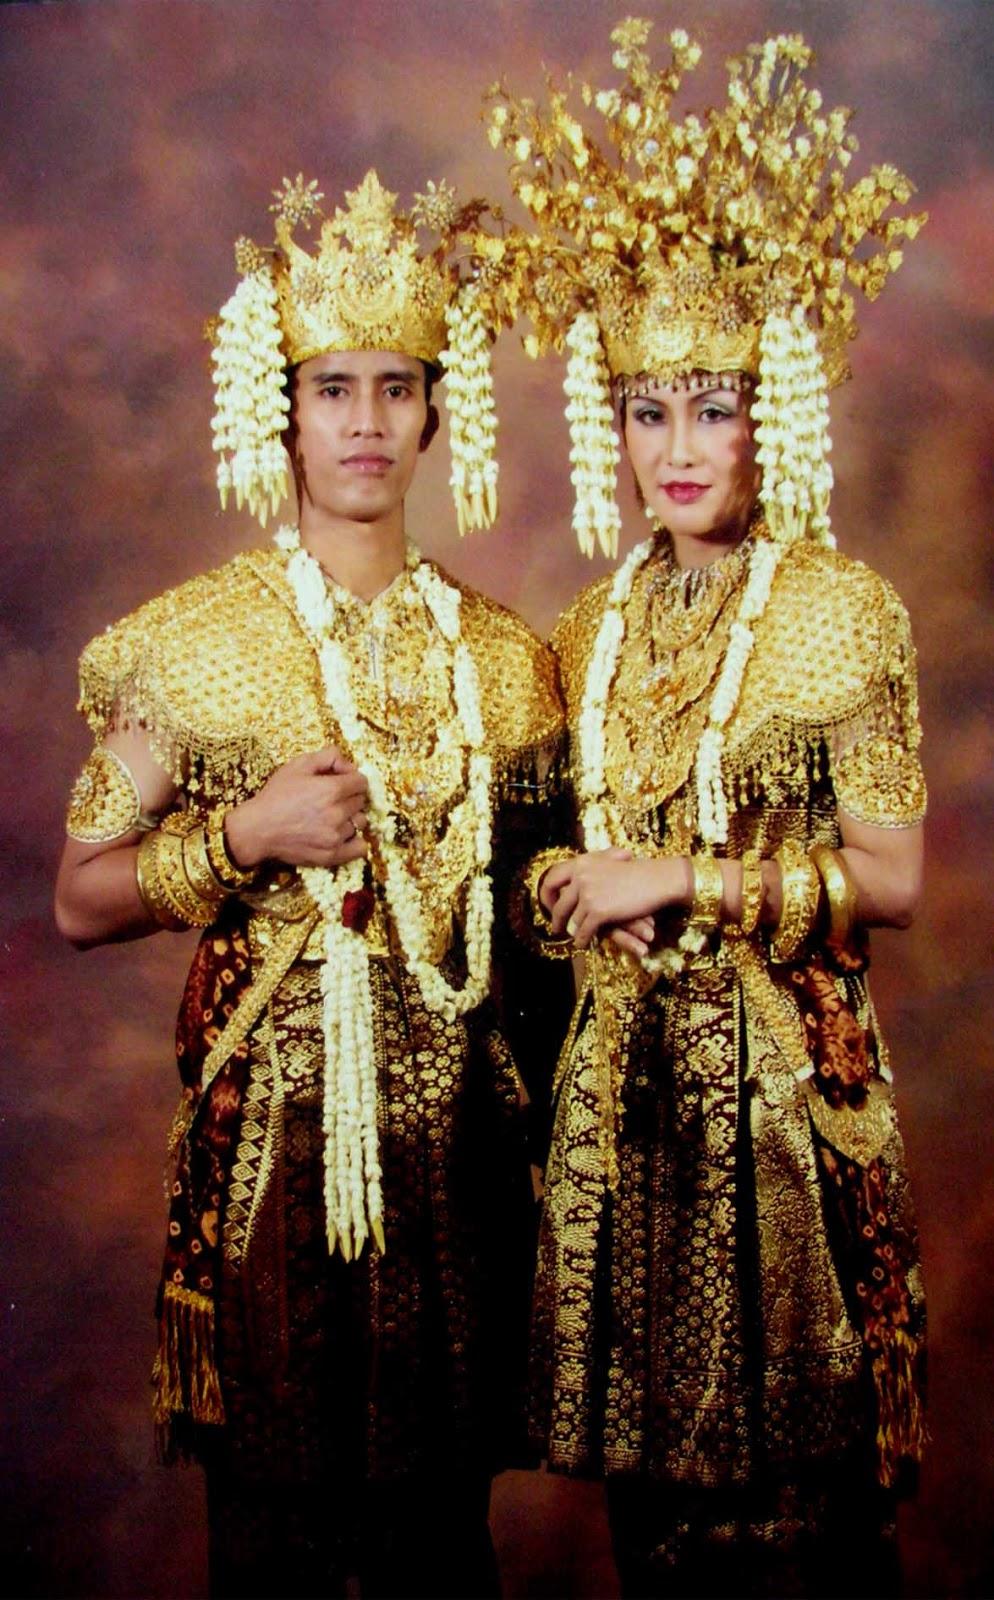 Jenis Pakaian Adat Sumatera Barat